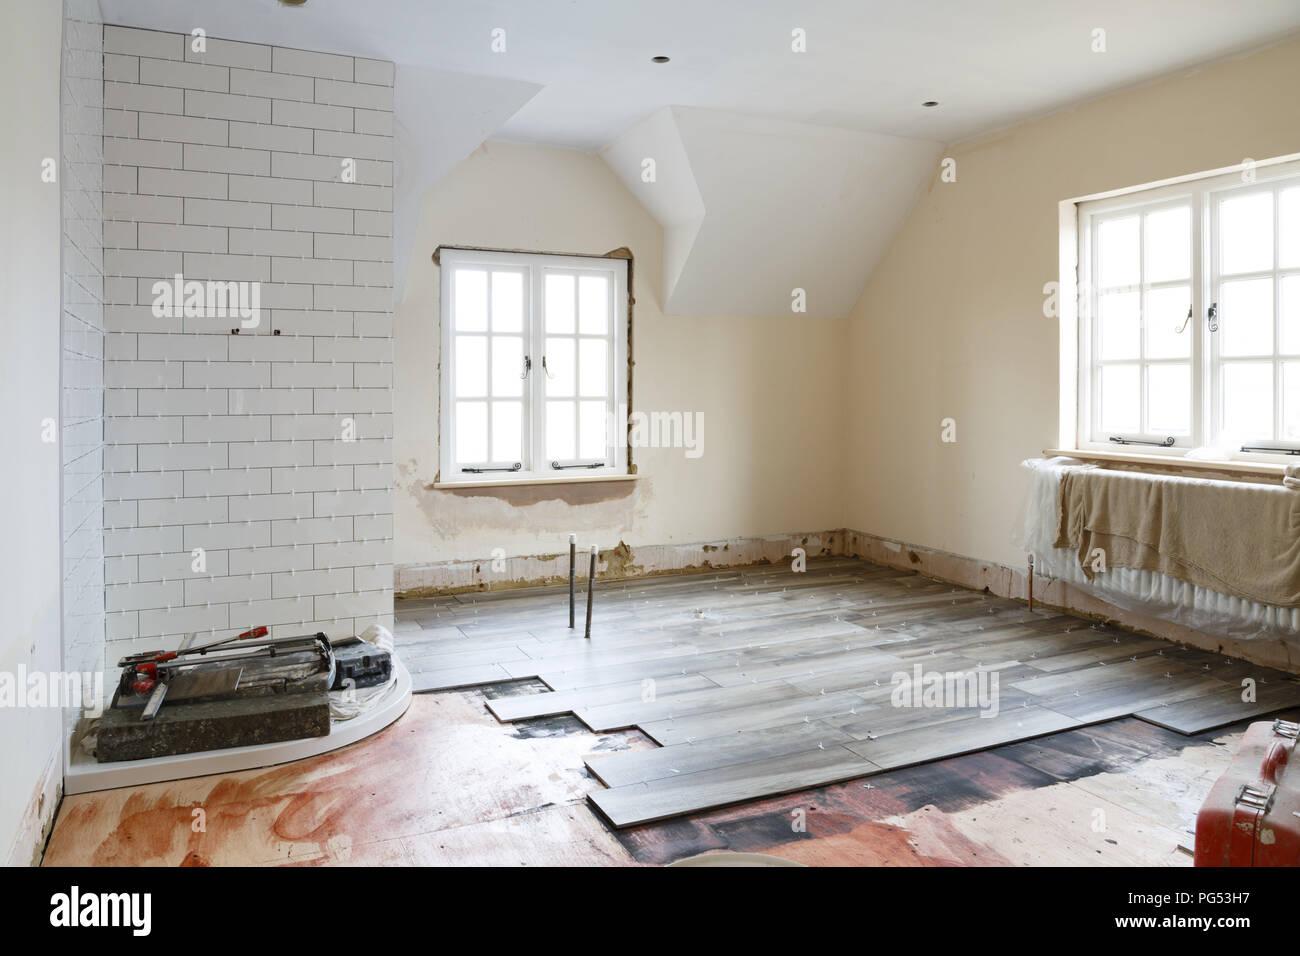 Badezimmer ripout und Fliesen vor einem Umbau, Einbau und ...